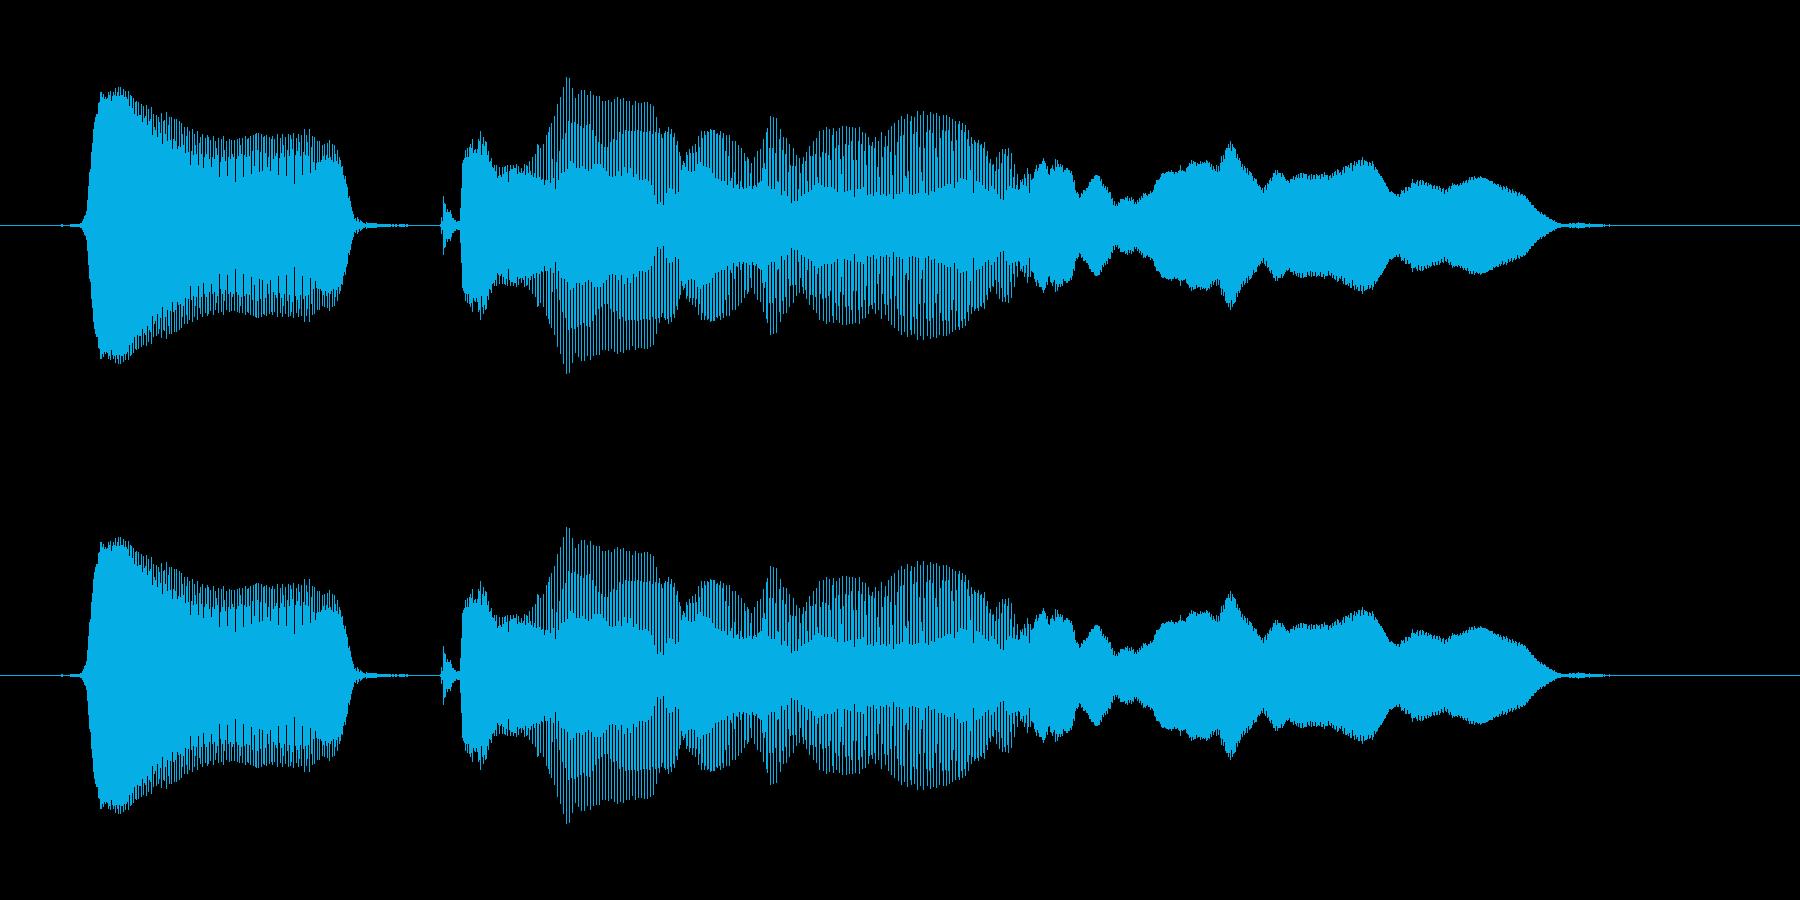 「見たな〜」の再生済みの波形